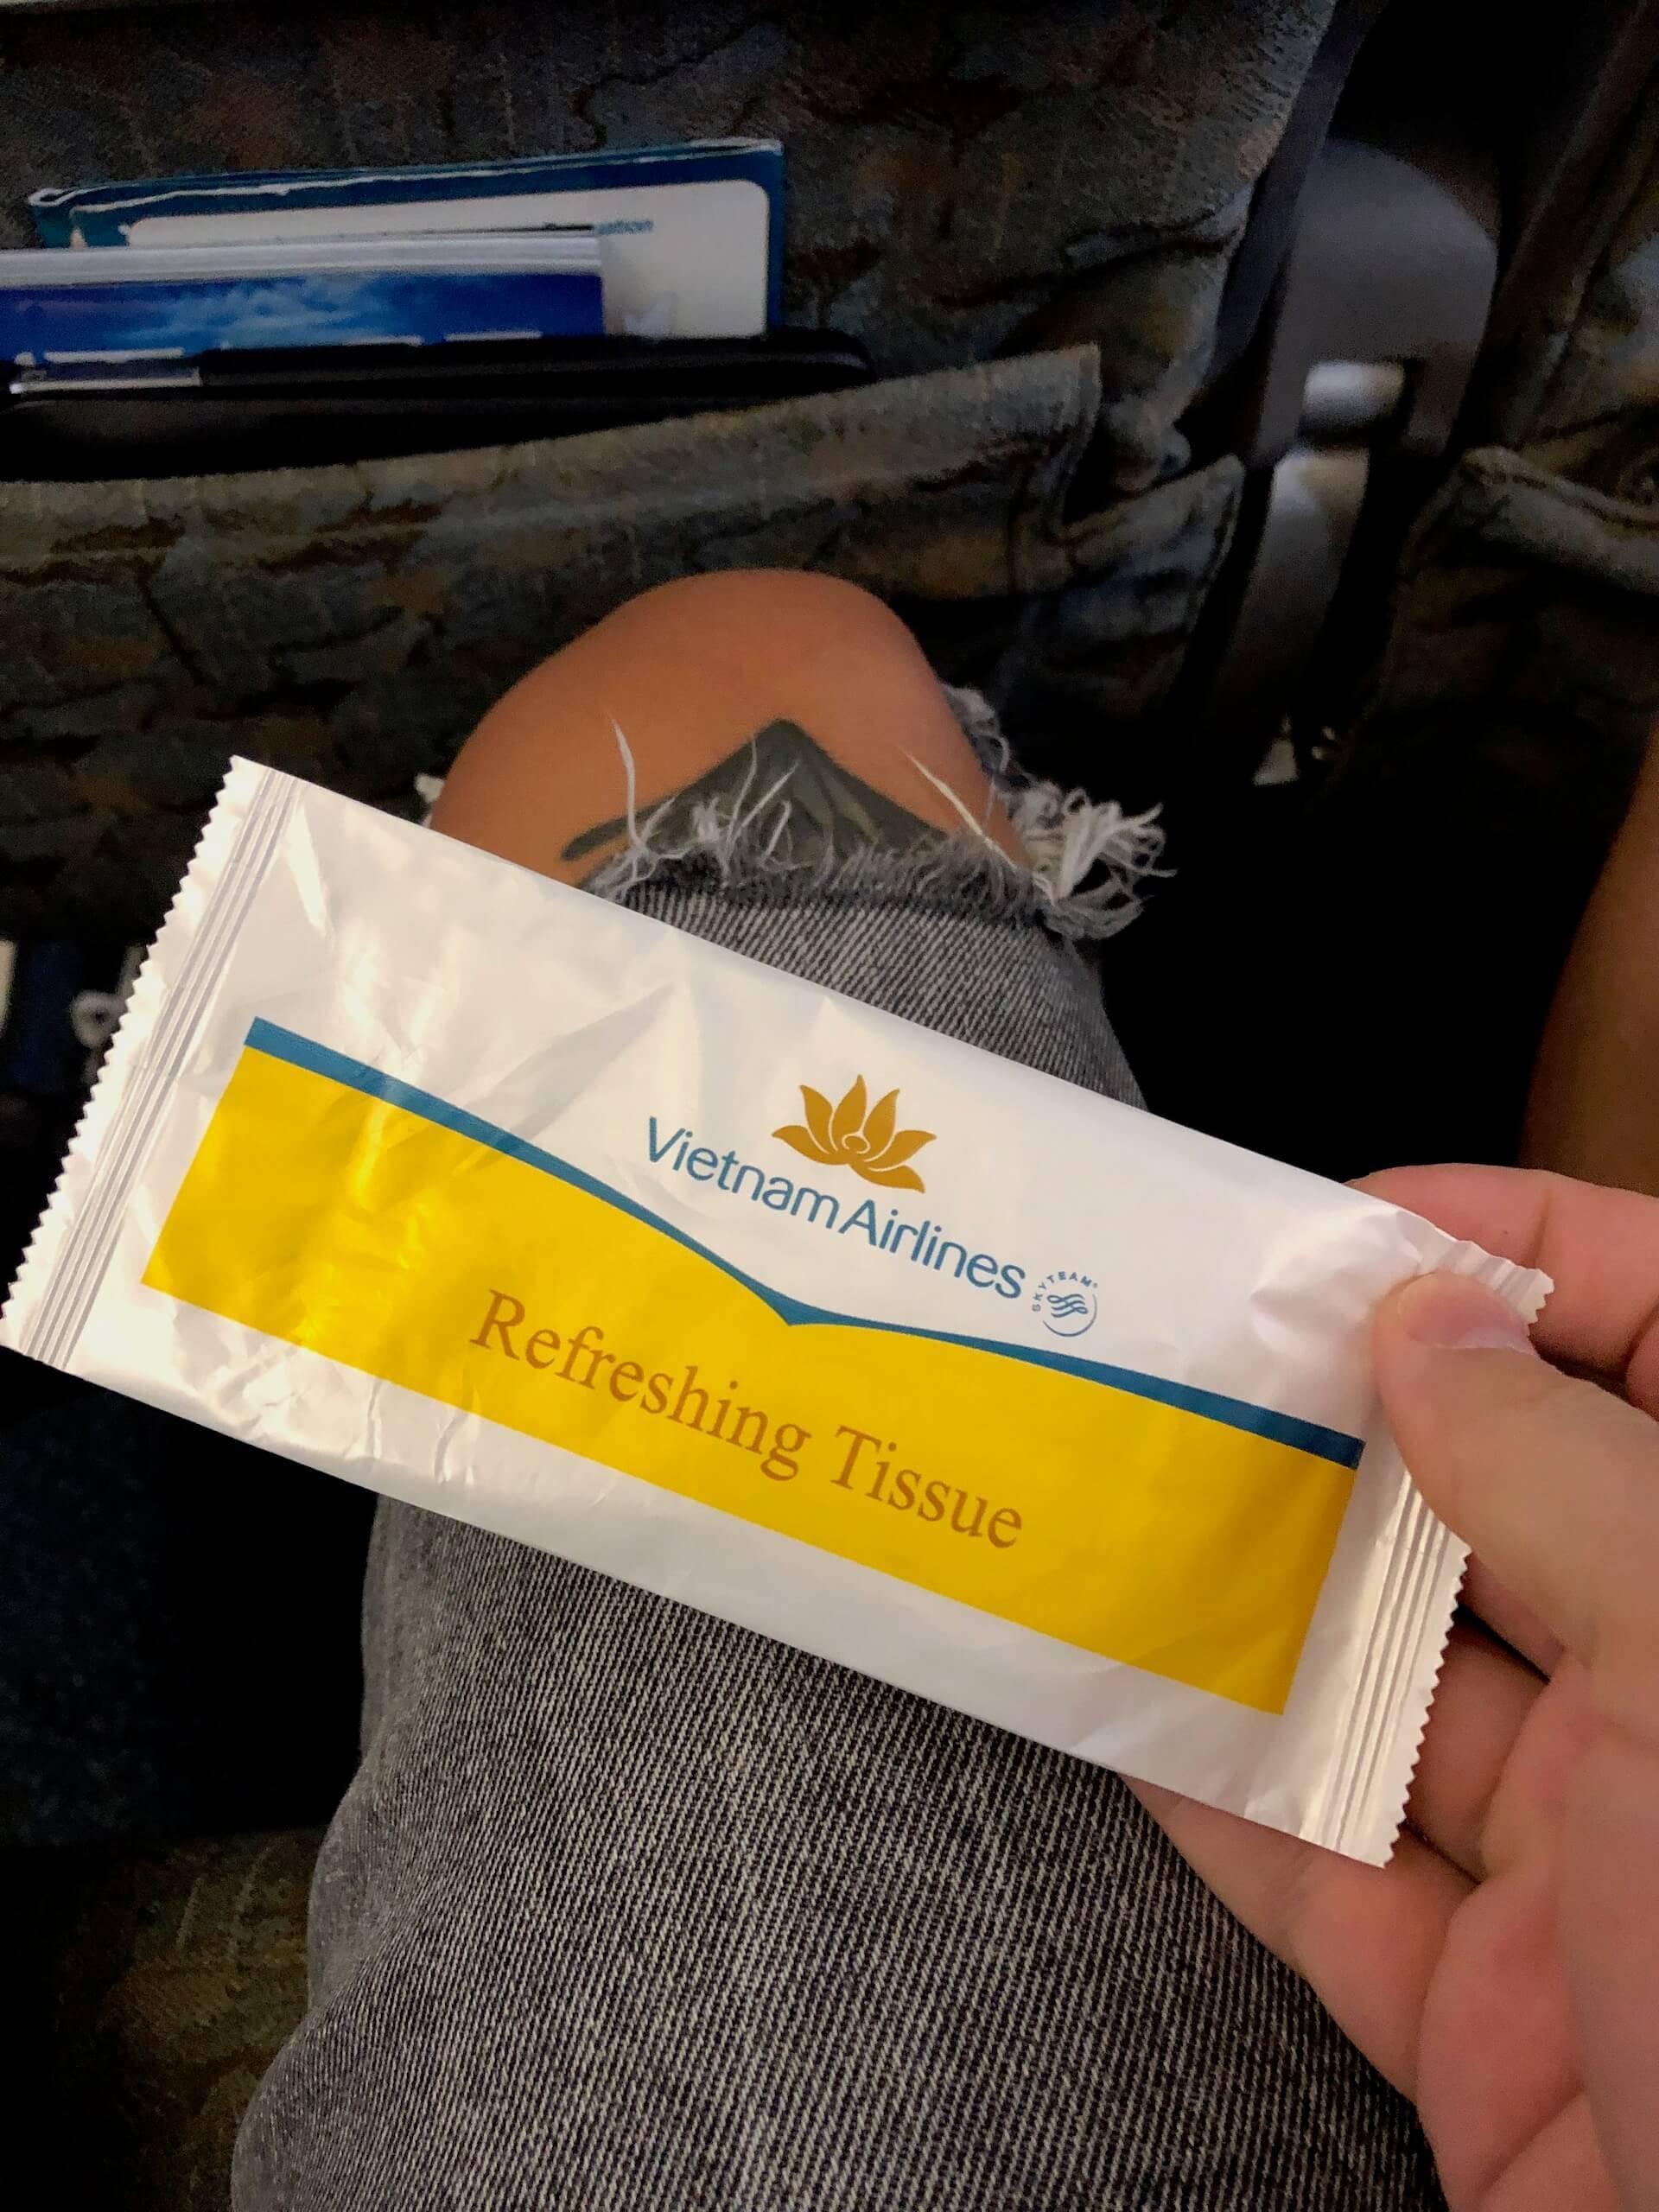 Vietnam Airlines Economy Class Inlandsflug Erfrischungstuch